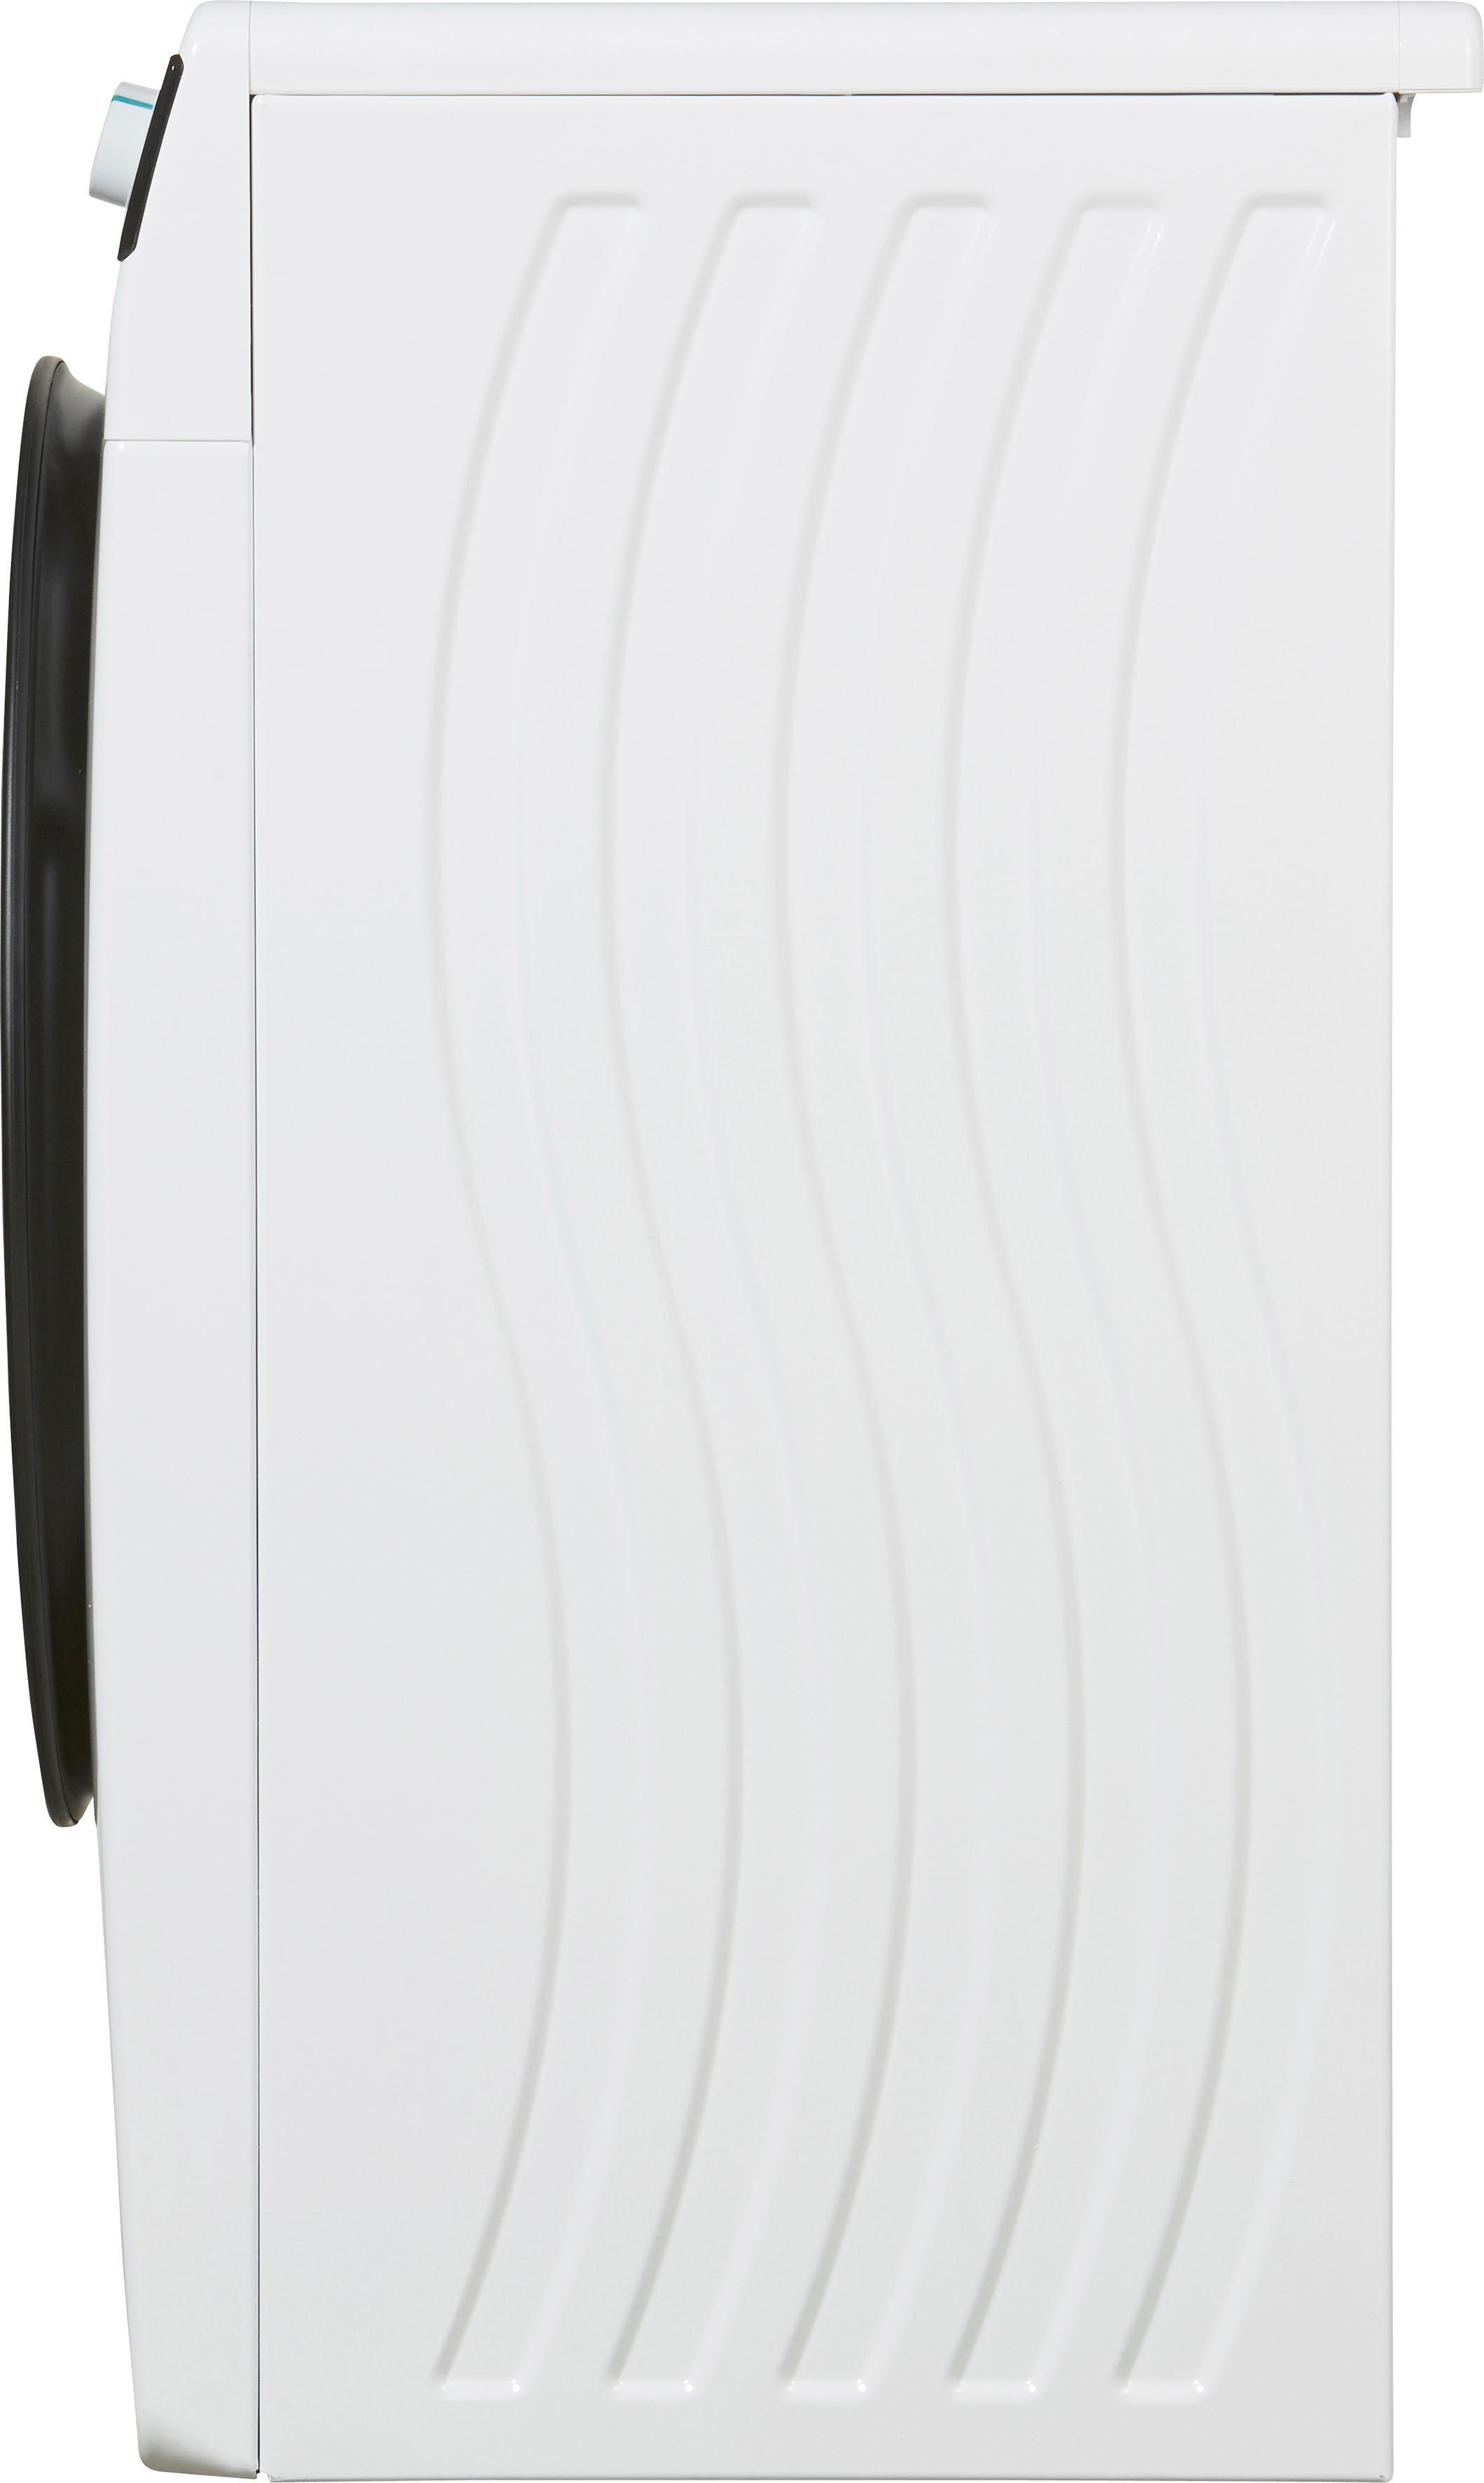 GORENJE Waschmaschine Wave E 74S3 P   Bad > Waschmaschinen und Trockner > Frontlader   Weiß   Gorenje